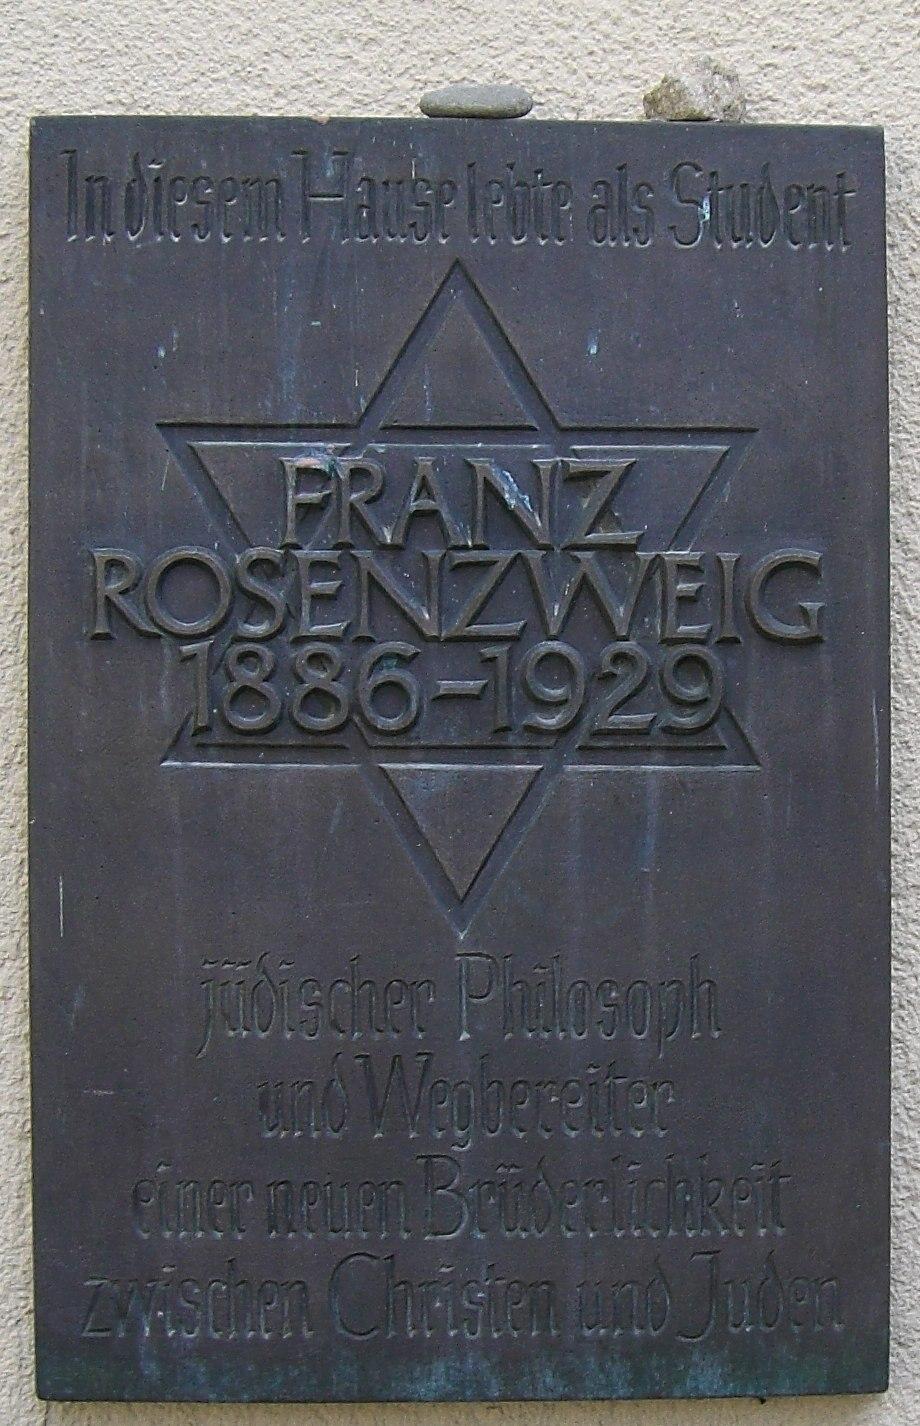 Gedenktafel Franz Rosenzweig 1886-1929 Freiburg Breisgau